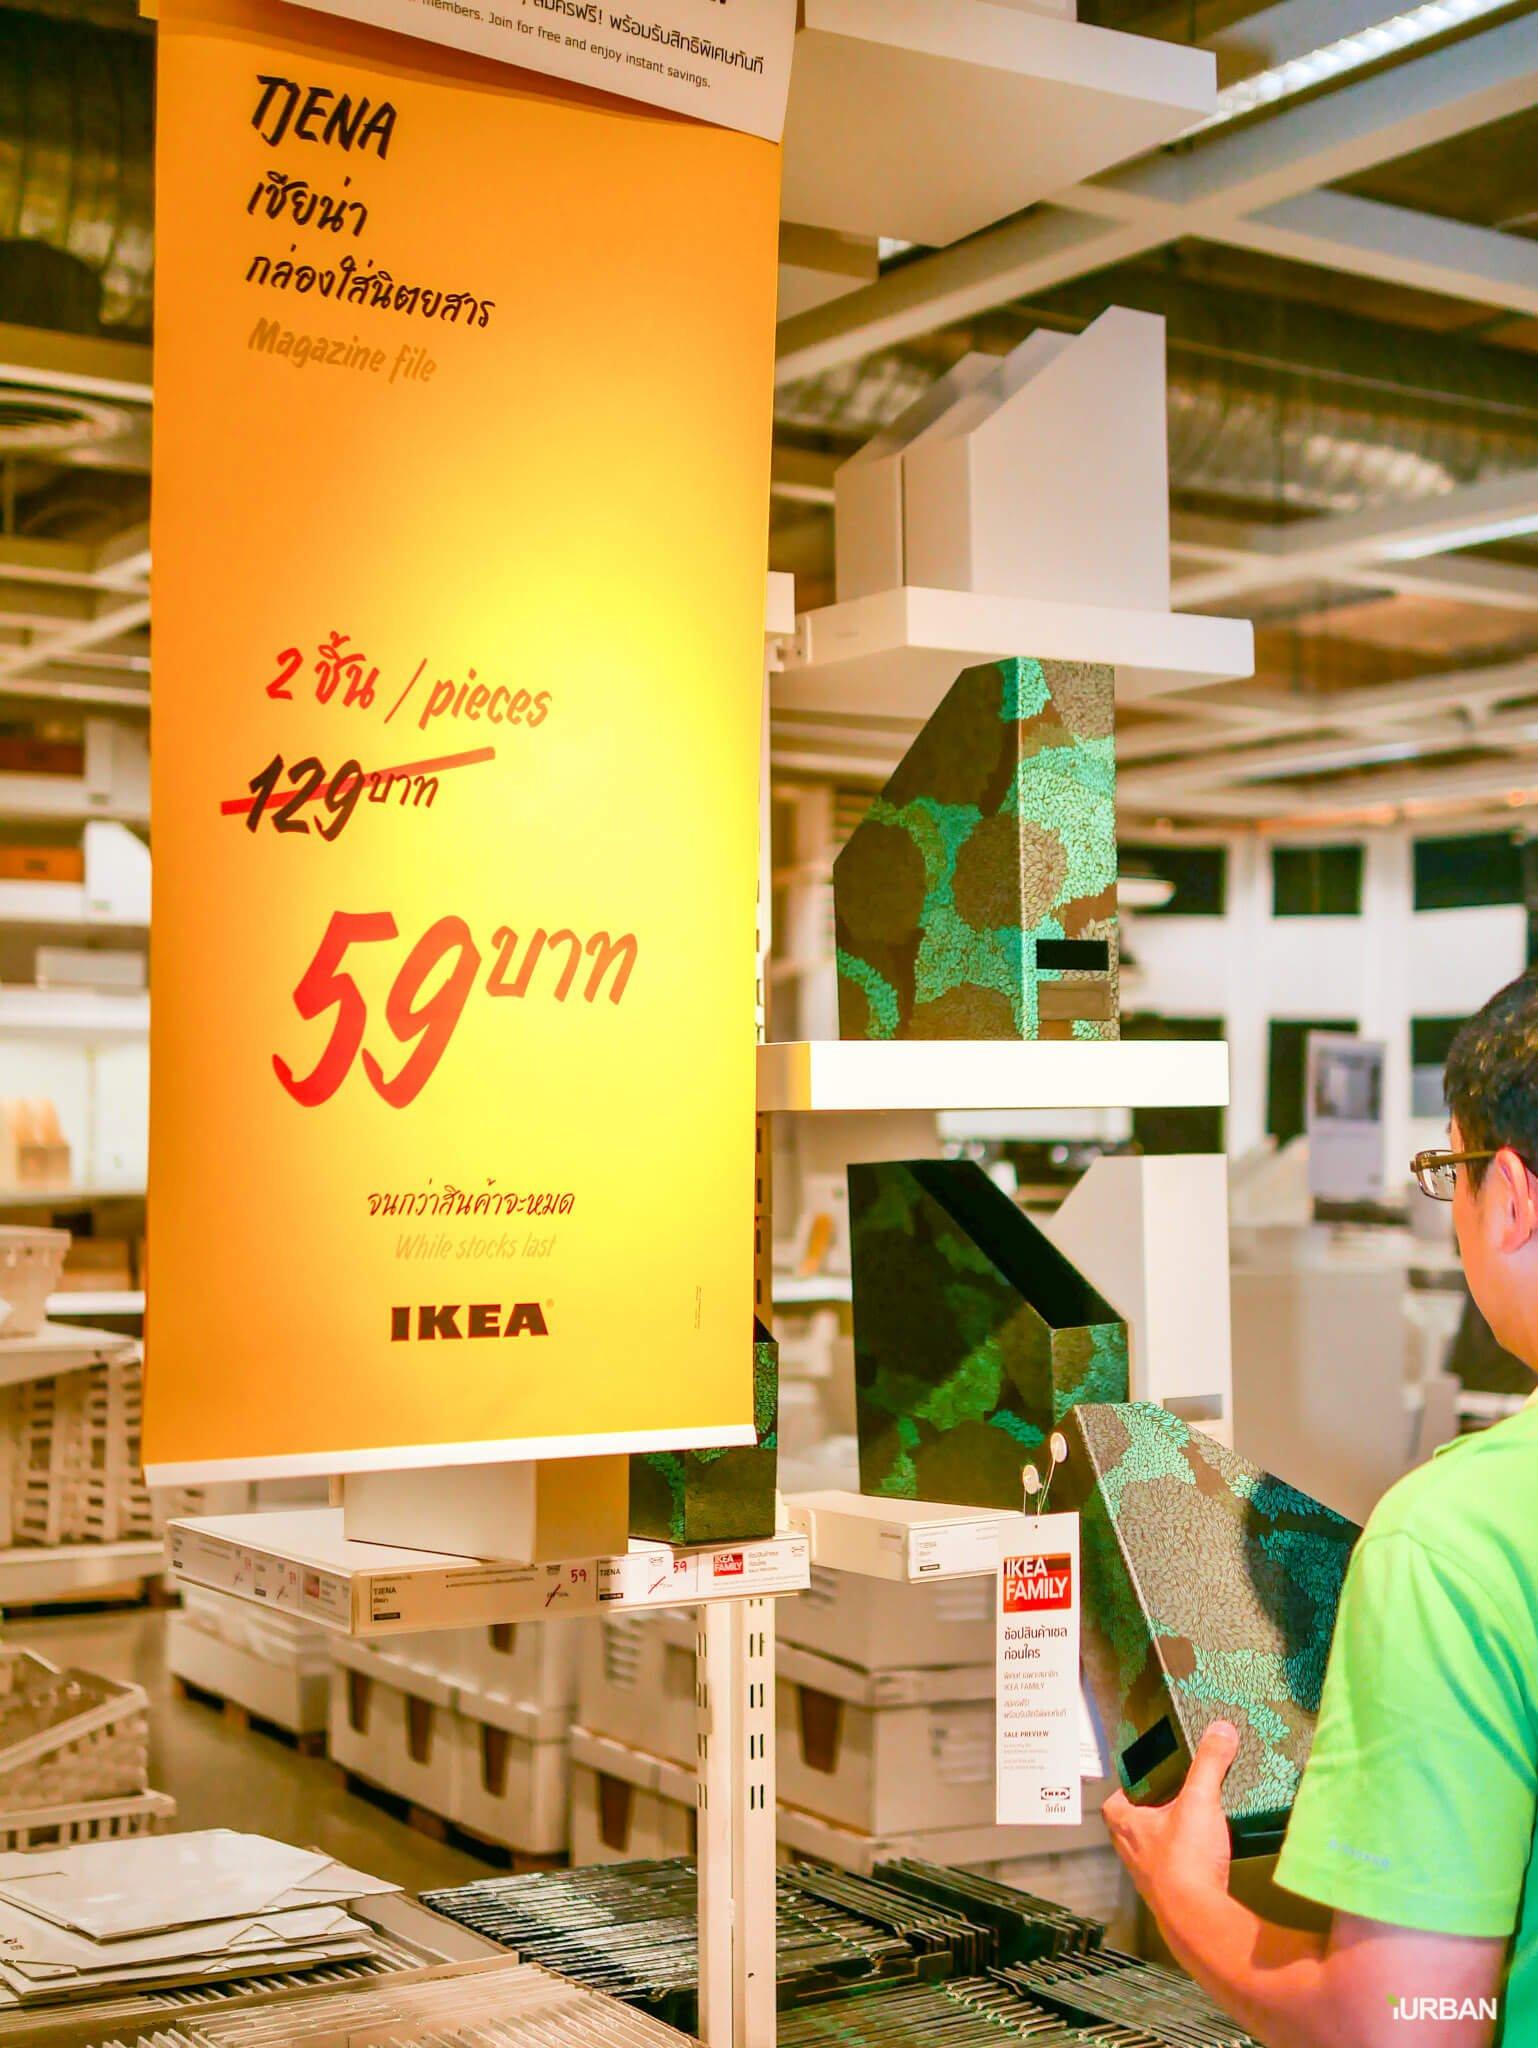 มันเยอะมากกกก!! IKEA Year End SALE 2017 รวมของเซลในอิเกีย ลดเยอะ ลดแหลก รีบพุ่งตัวไป วันนี้ - 7 มกราคม 61 171 - IKEA (อิเกีย)